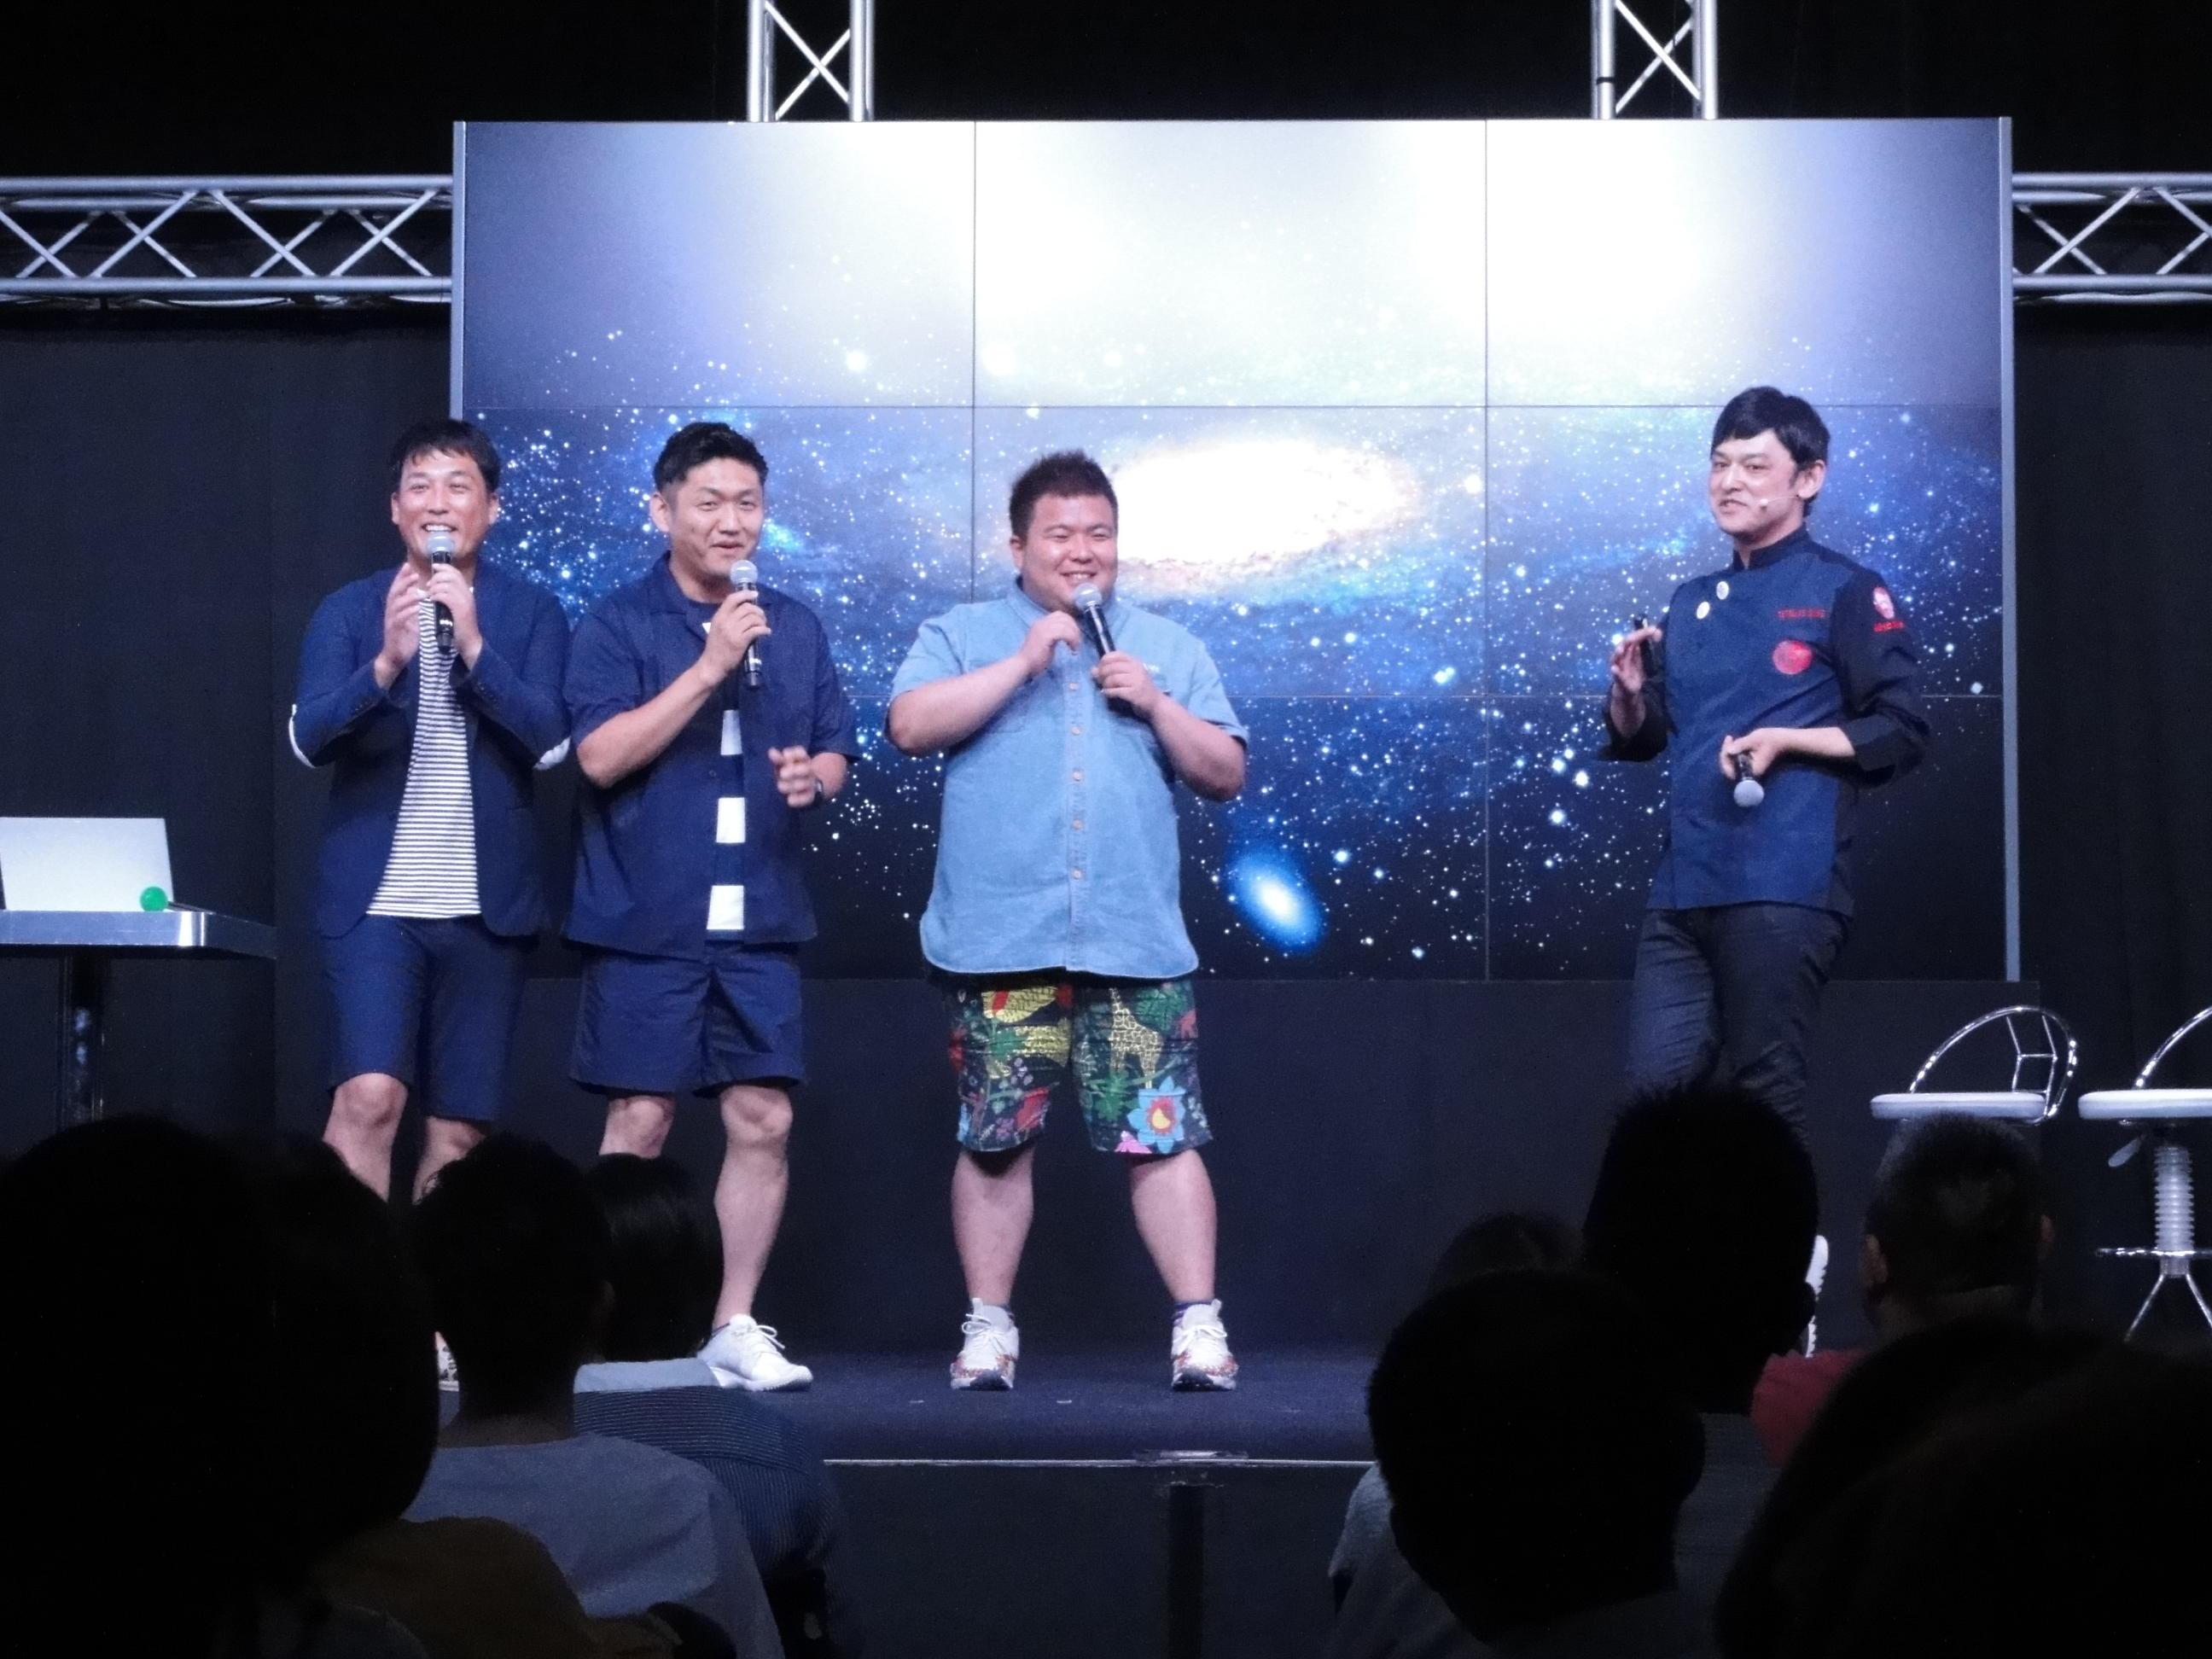 http://news.yoshimoto.co.jp/20170715003857-27d8c2b14eb9a017c2950cd6e62e9287c1af194c.jpg